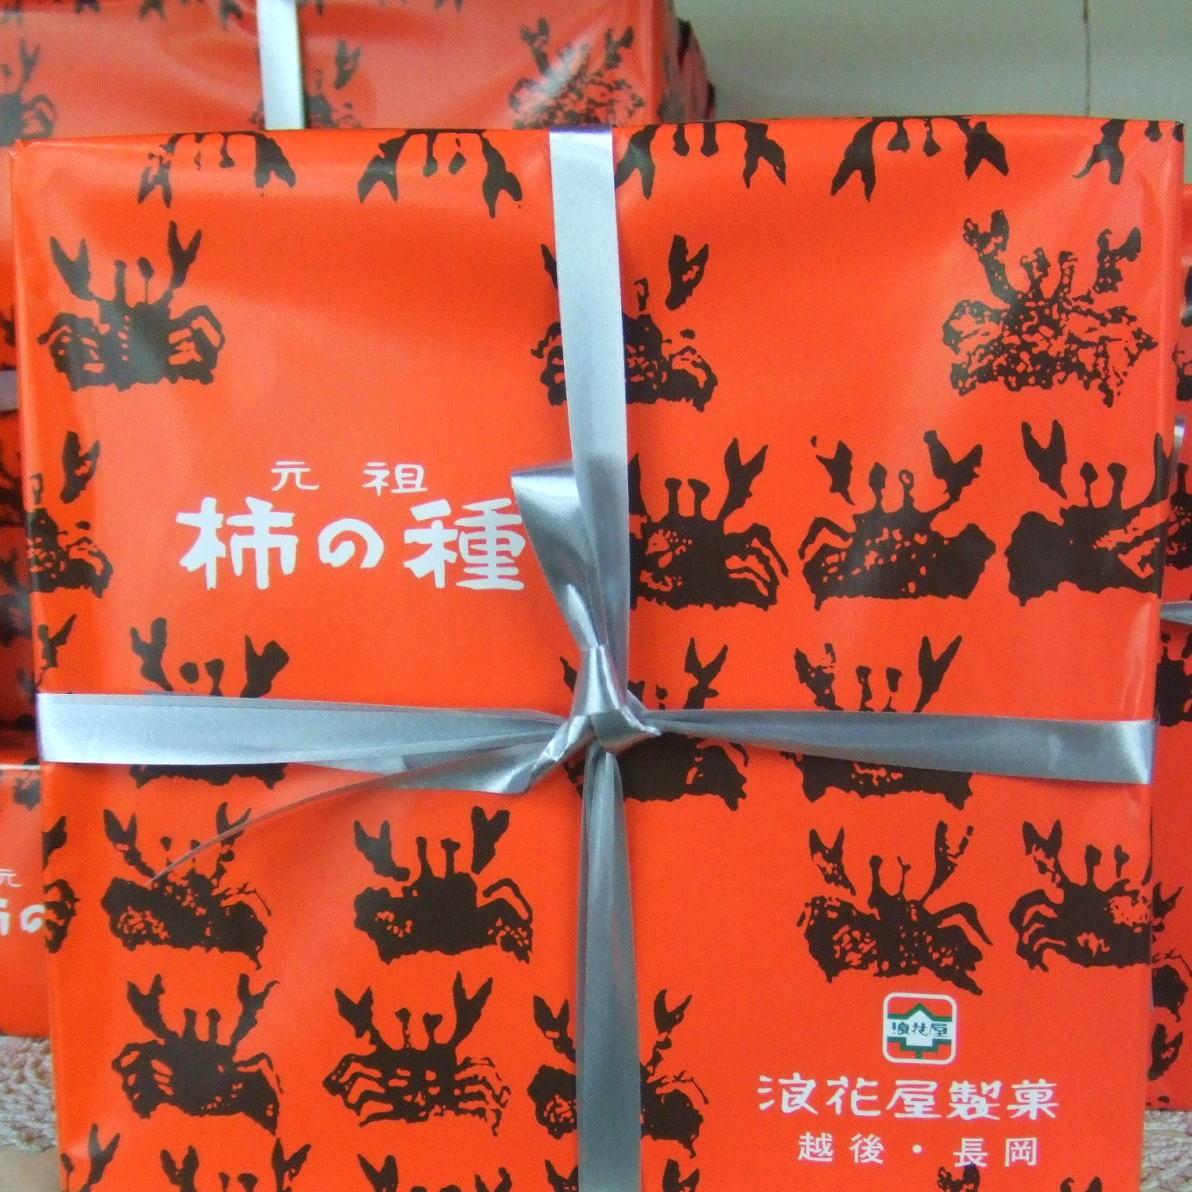 【元祖浪花屋の柿の種缶入り (27gx5袋入り)】米どころ越後新潟の美味しい米菓・あられ・おせんべい